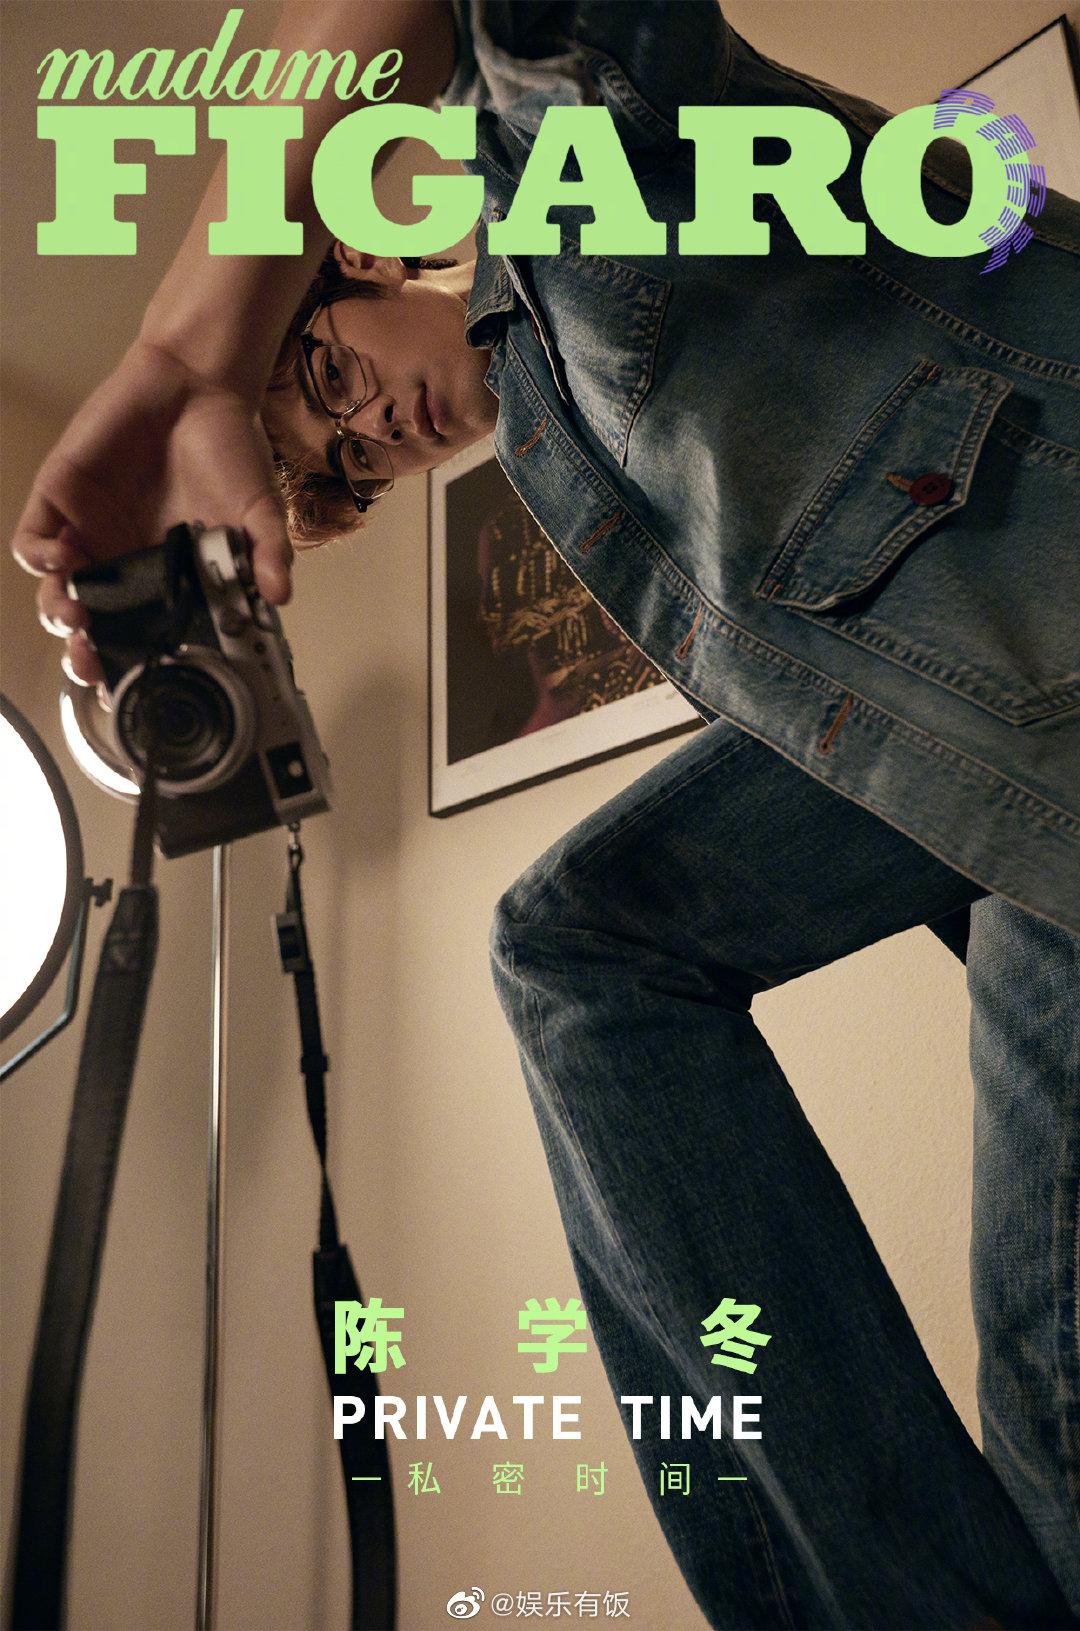 @陈学冬 绿洲更新封面大片,清晨的私密时间,直面自我的居家生活。